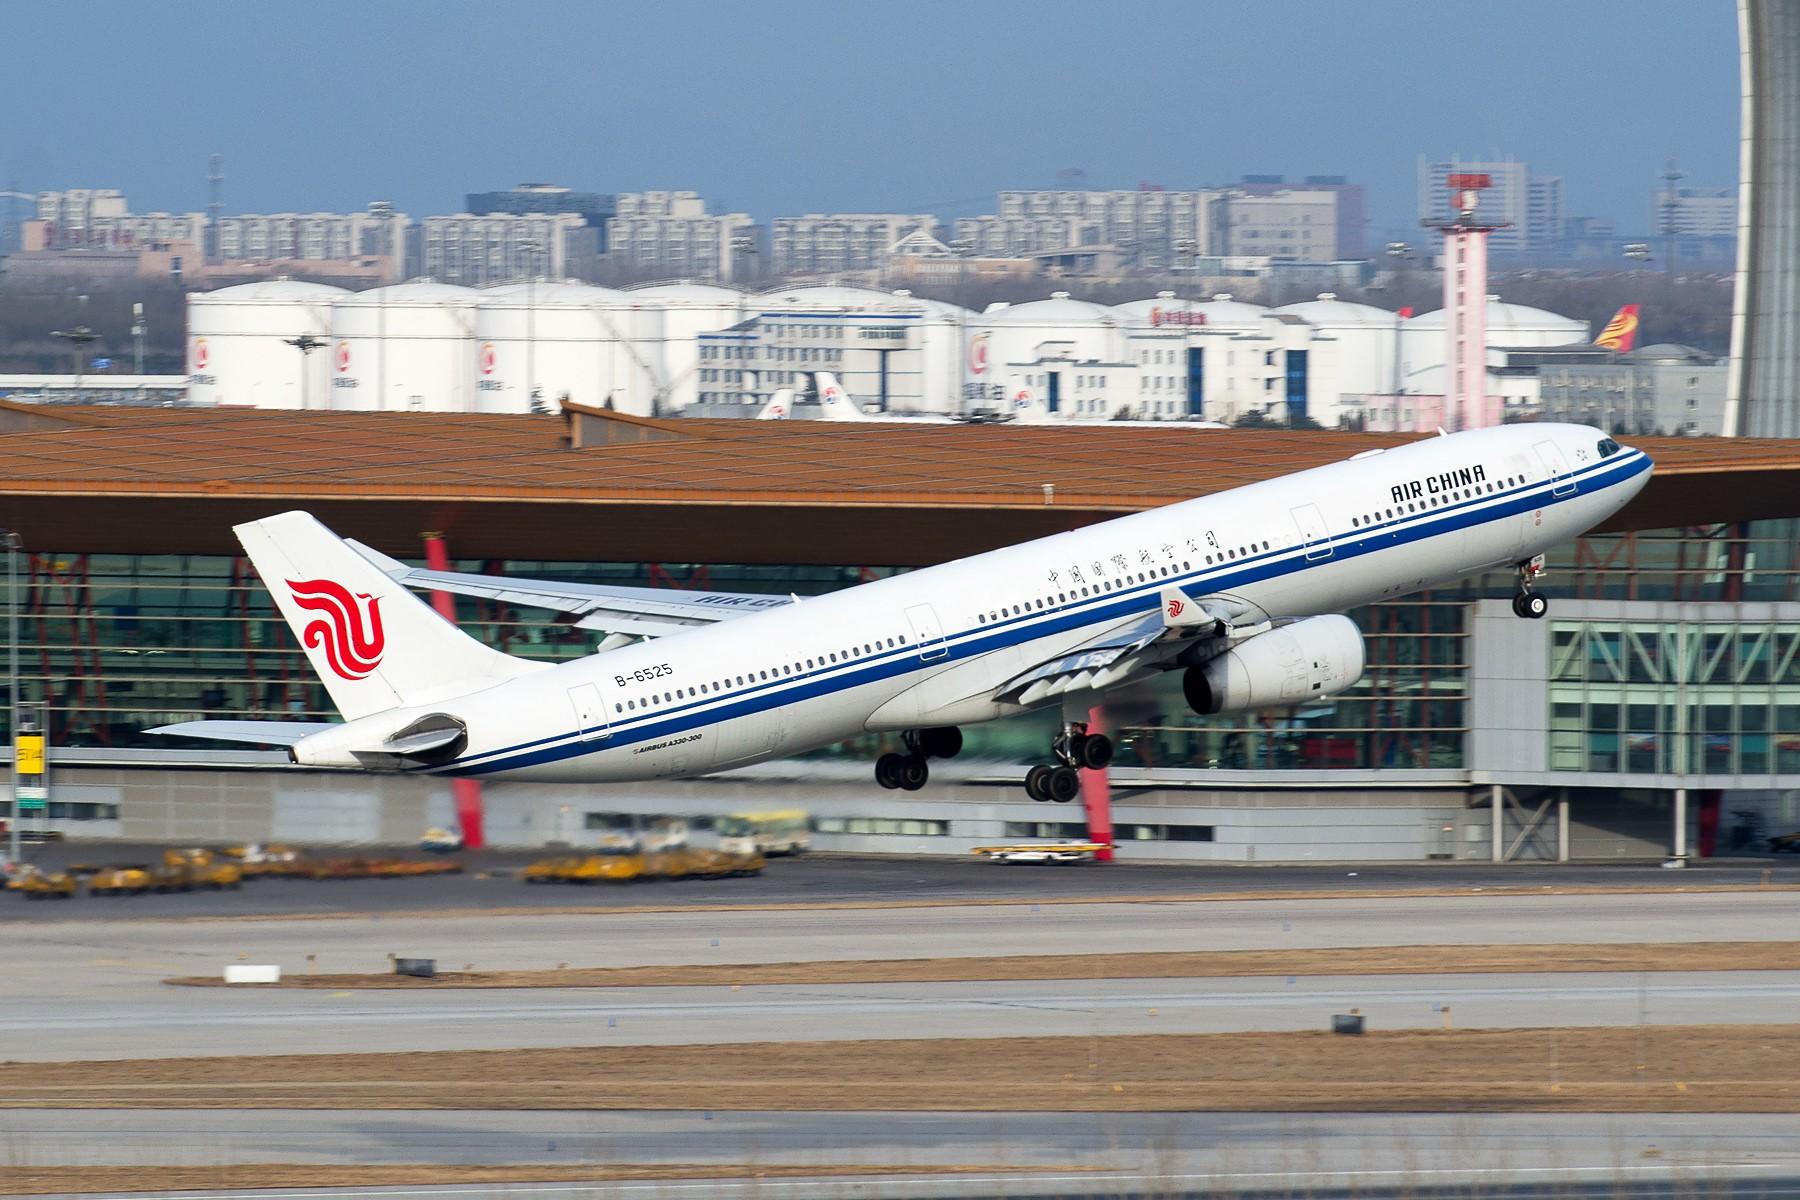 国航:3月31日起实行国内客票退改手续费新标准